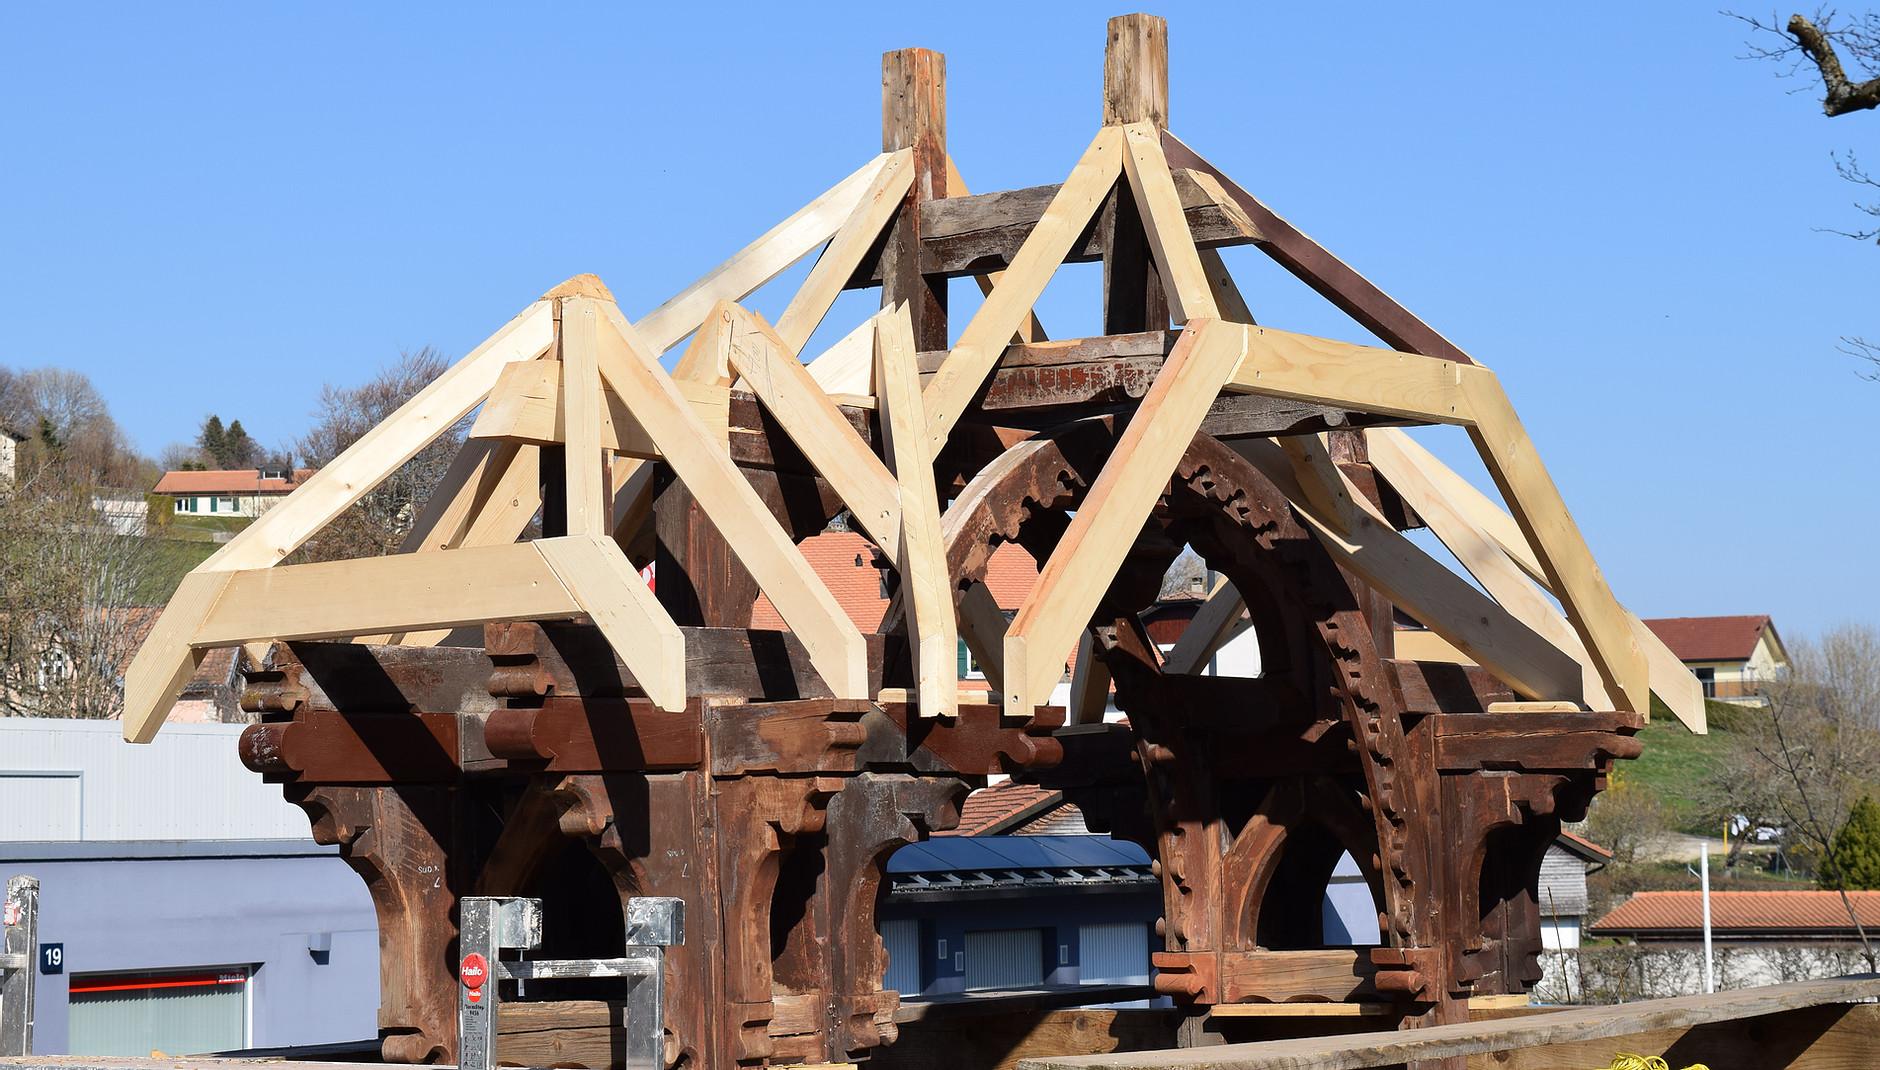 Portique du patrimoine du canton de Vaud pendant la restauration